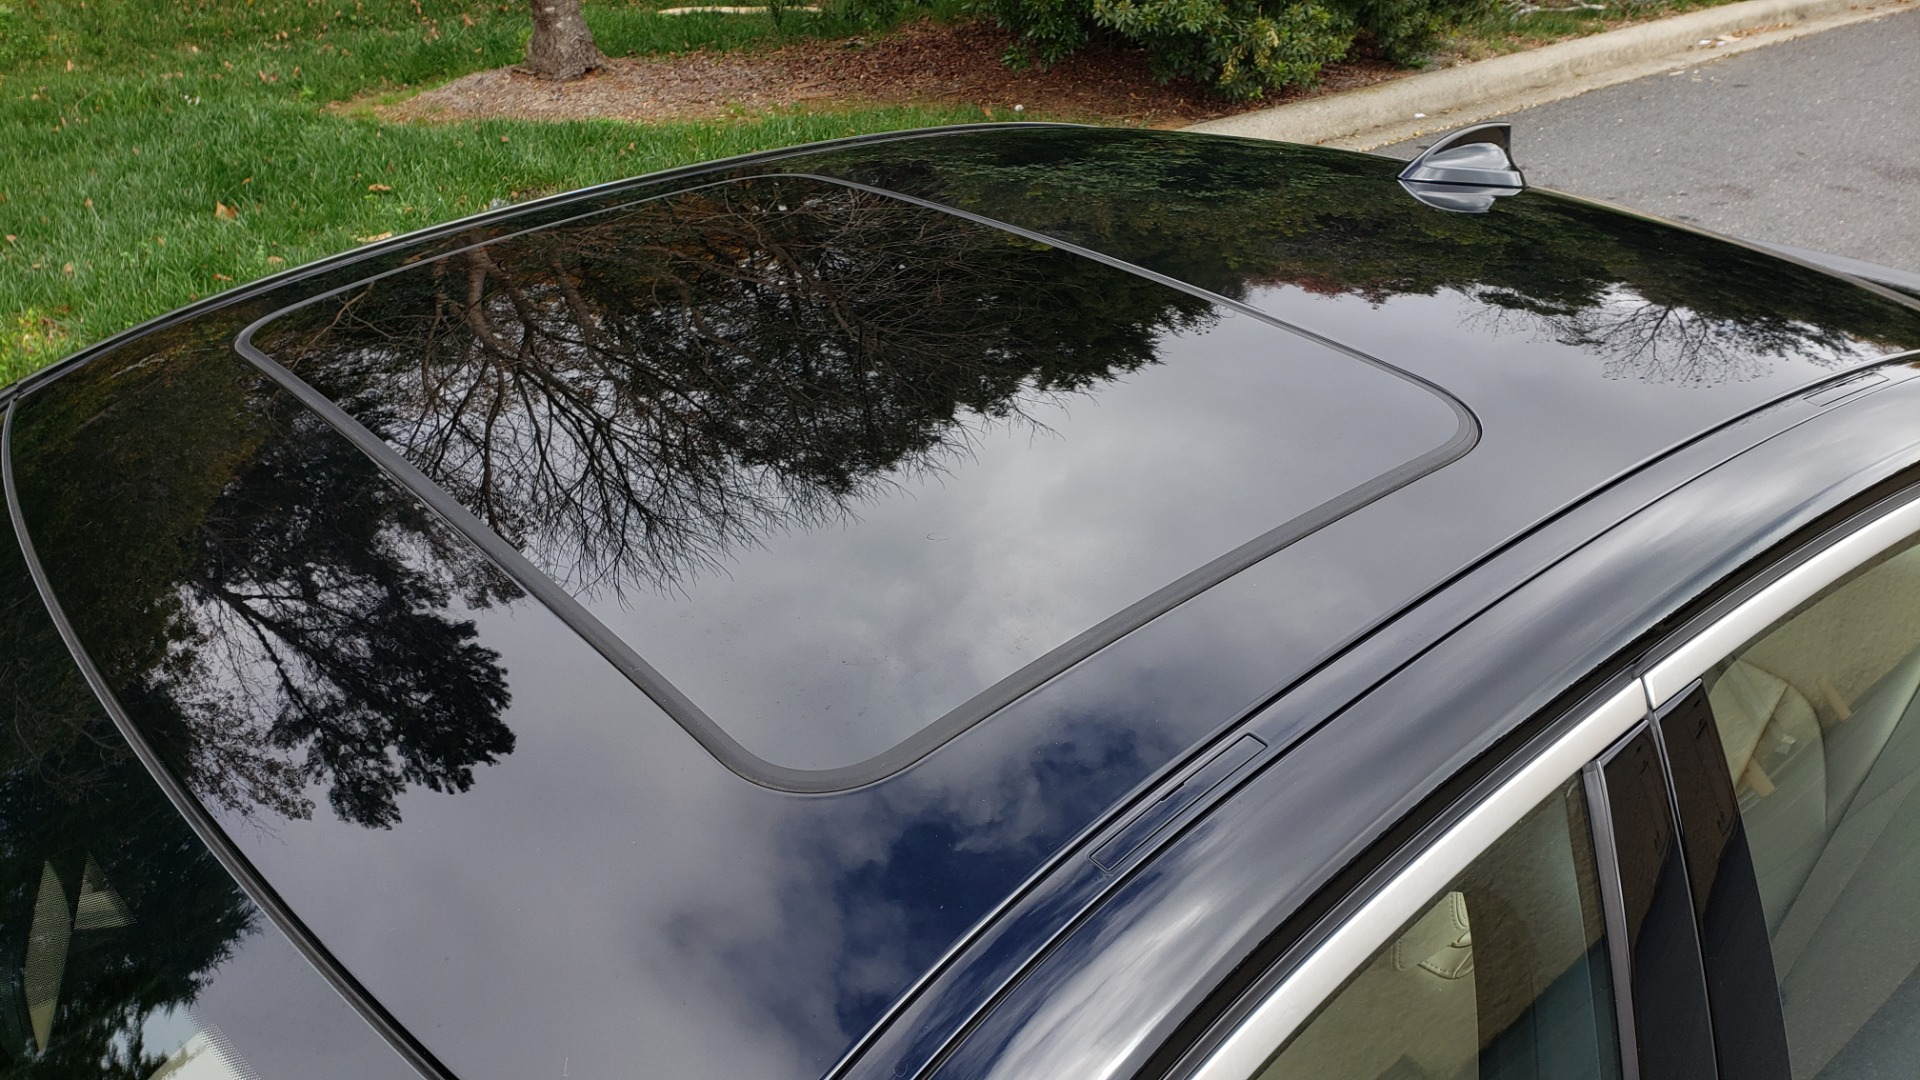 Used 2019 BMW 3 SERIES 330I PREM PKG / NAV / CONV PKG / H&K SND / LIVE COCKPIT PRO for sale Sold at Formula Imports in Charlotte NC 28227 9